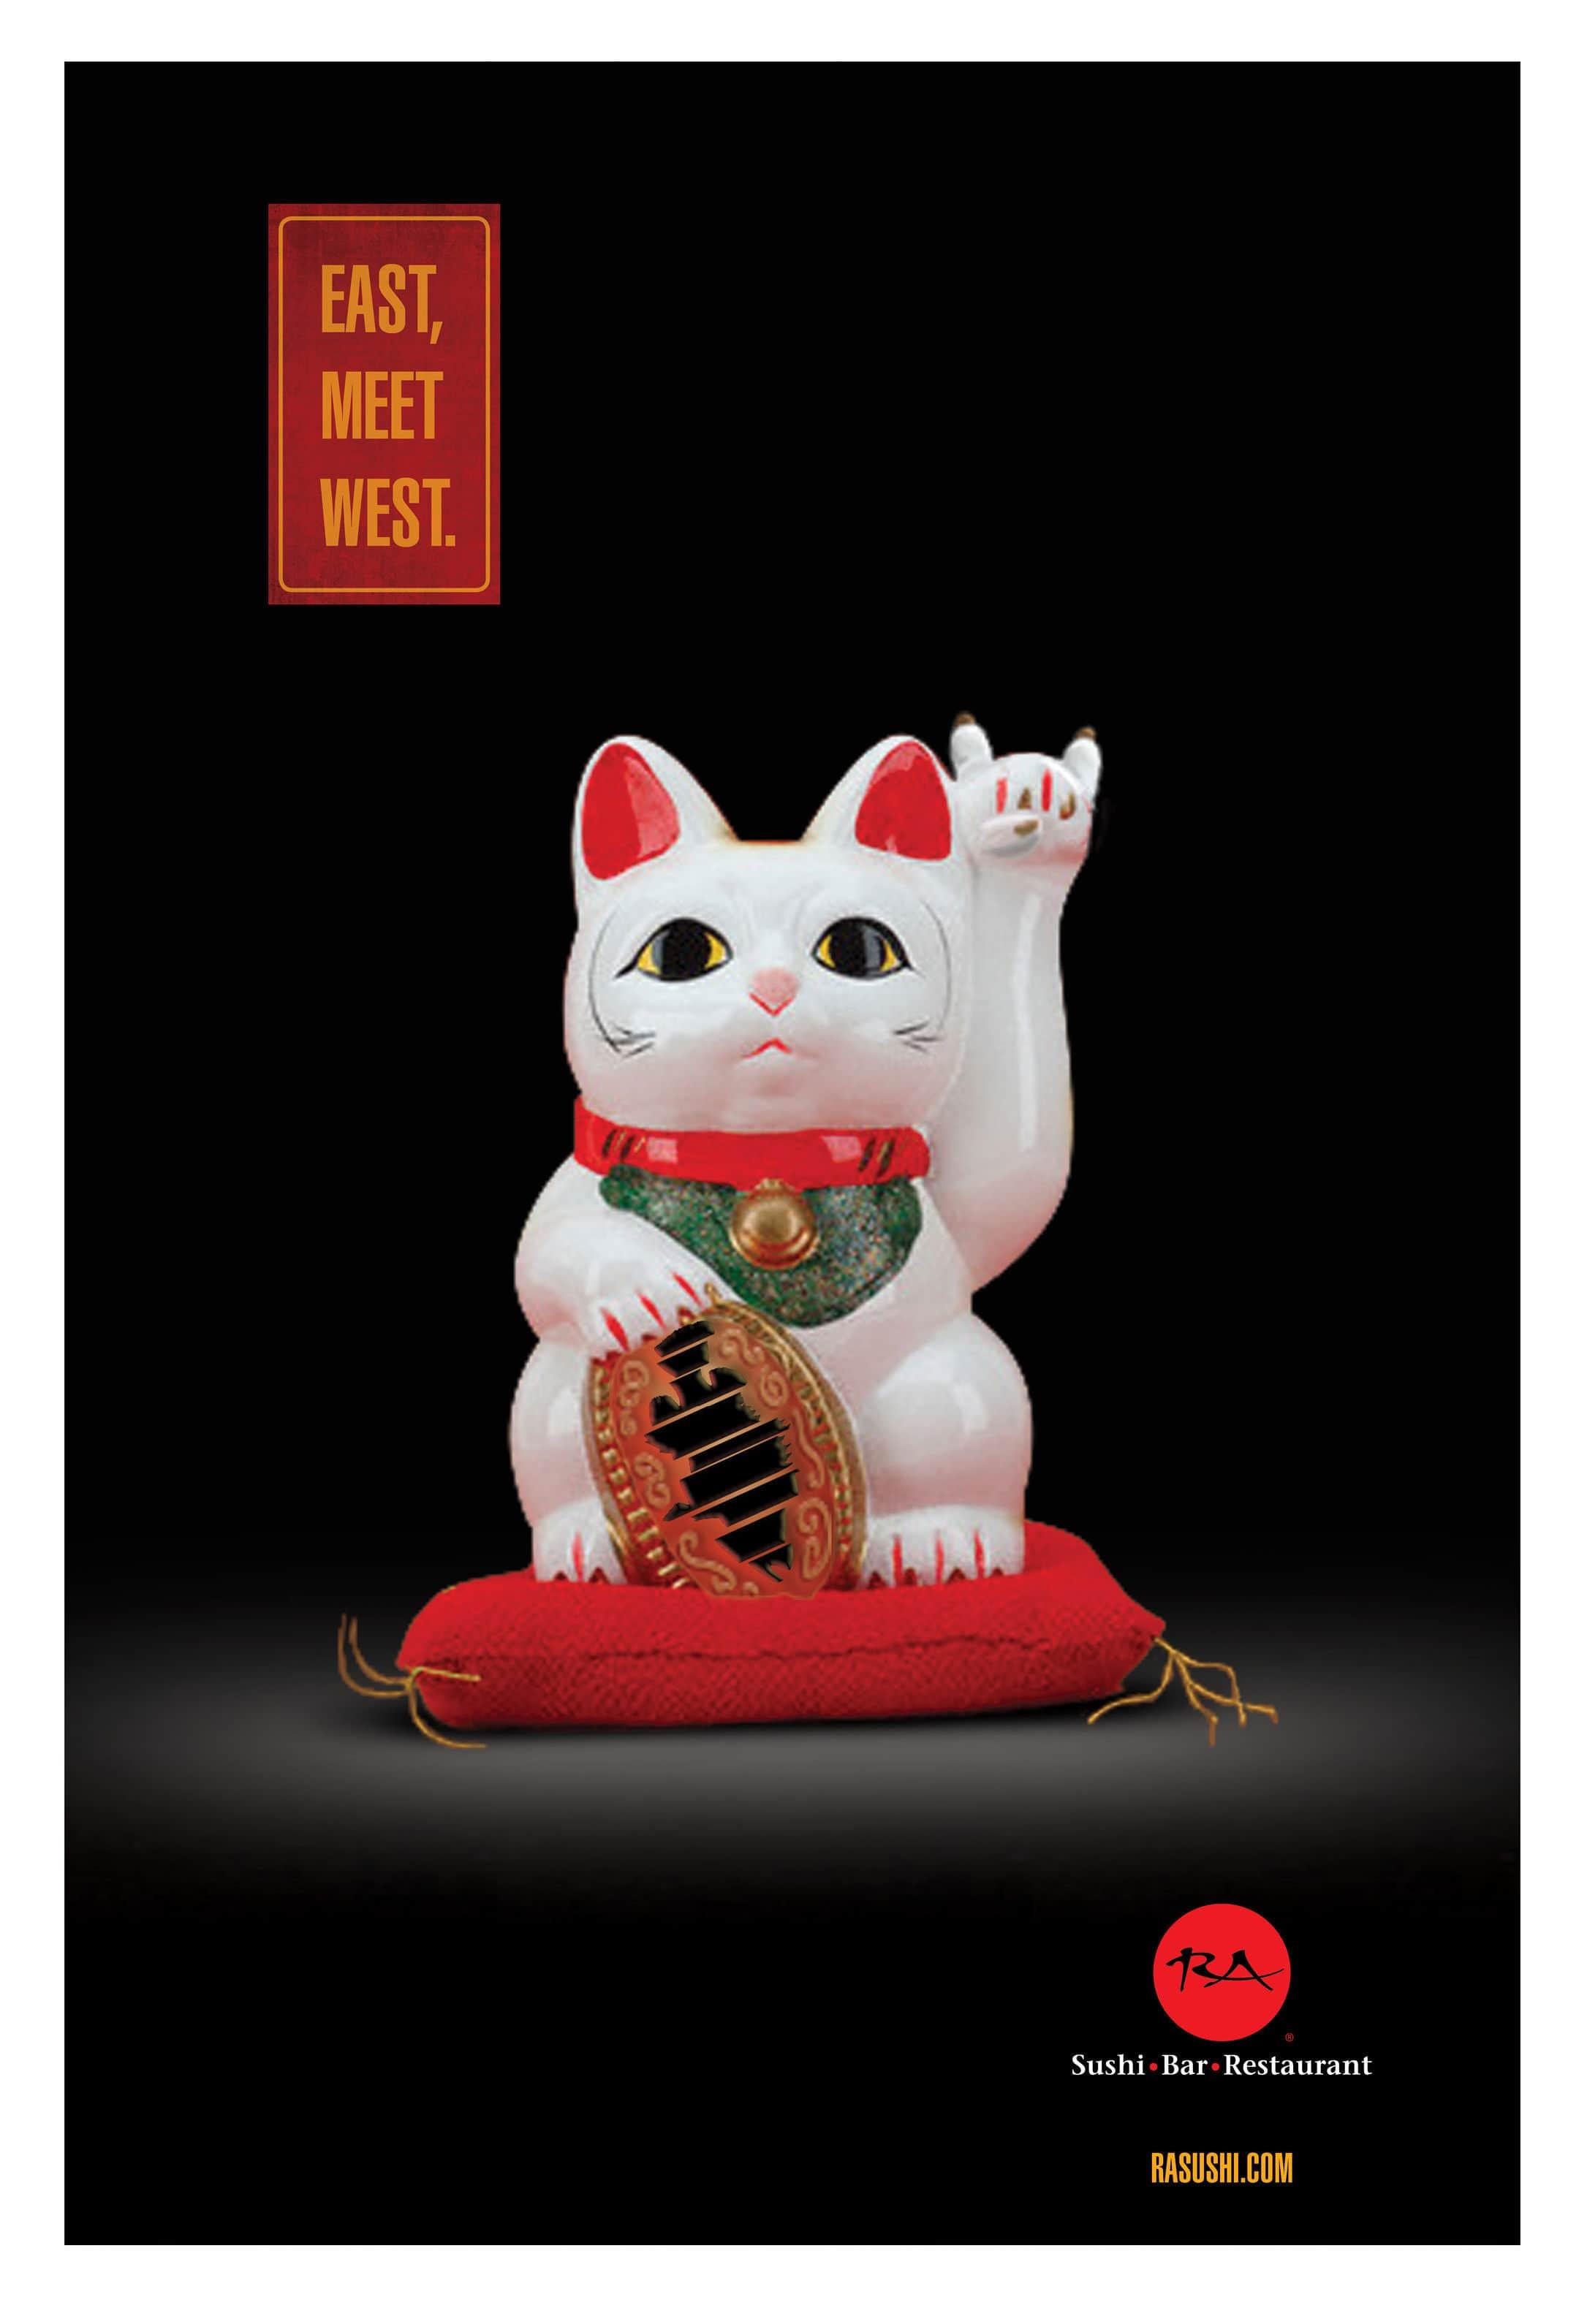 RA Sushi branding — advertising design